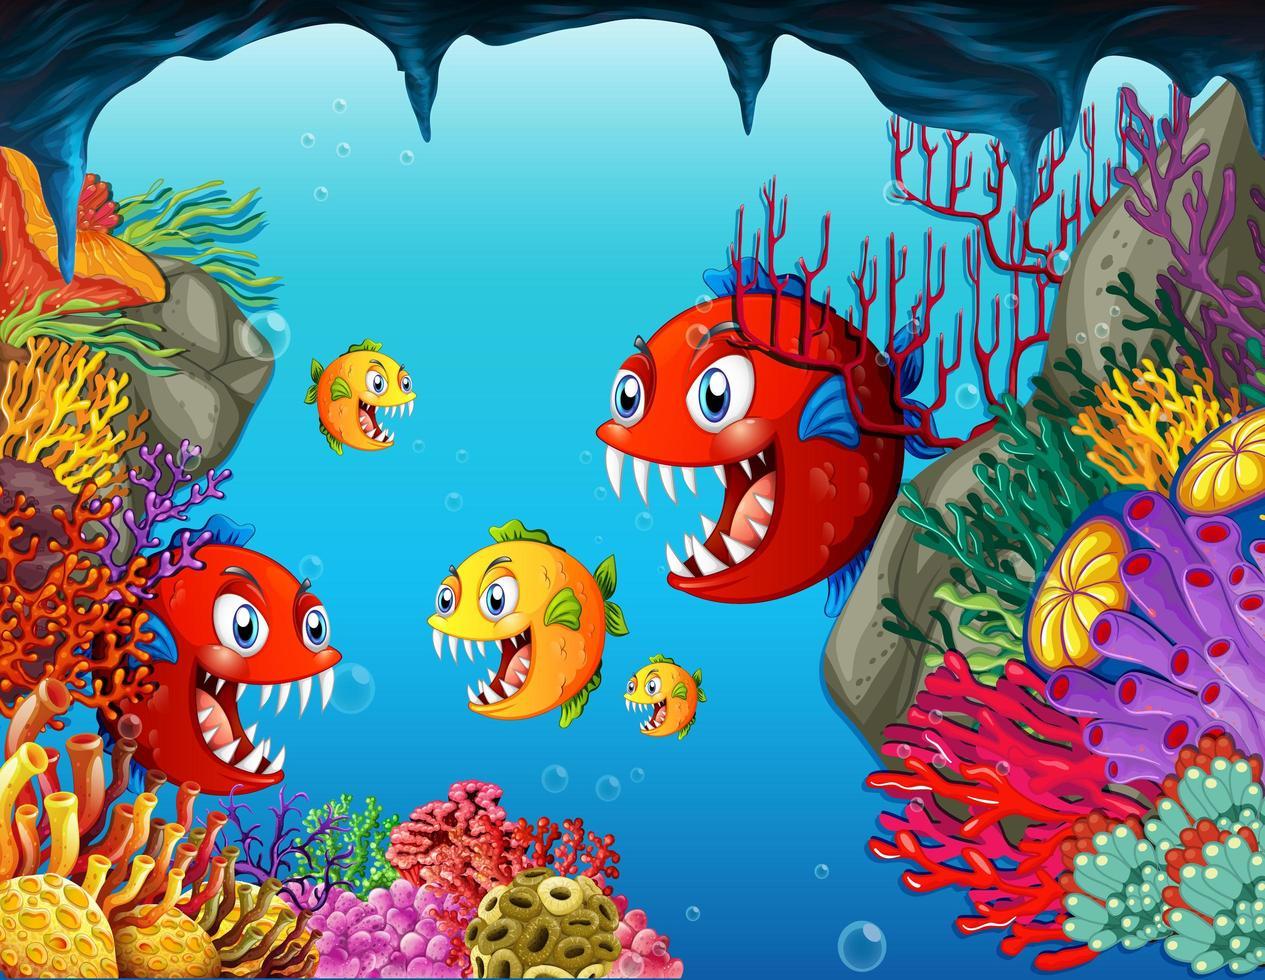 många exotiska fiskar seriefigur i undervattensbakgrunden vektor